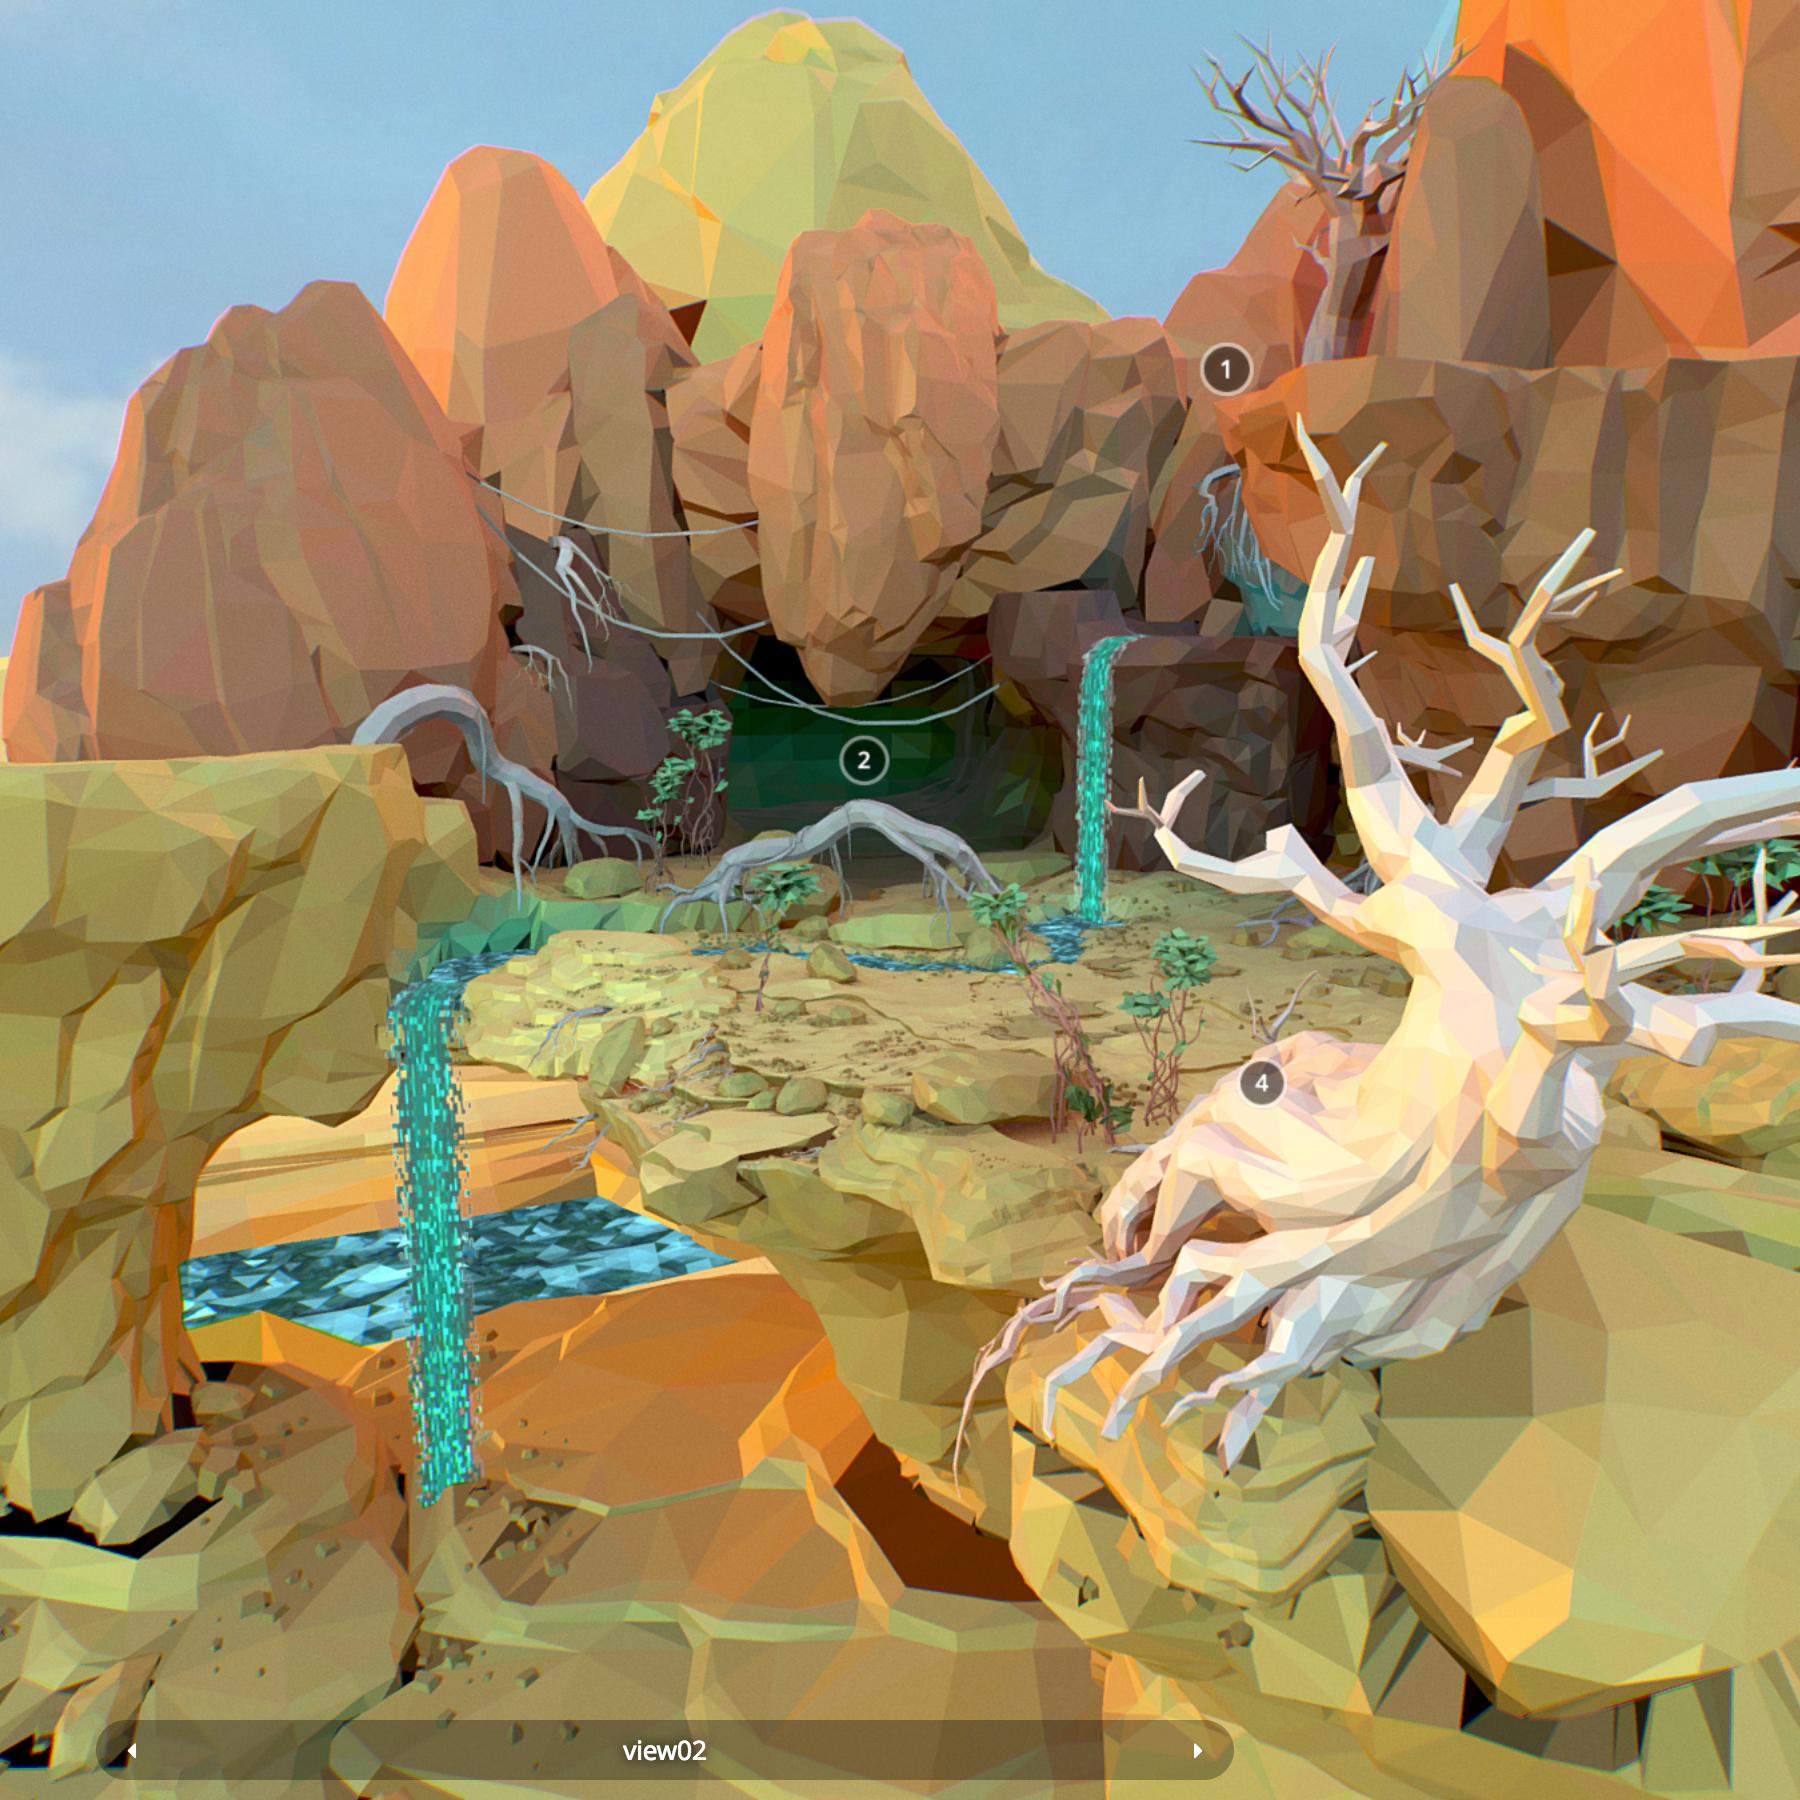 مضلع منخفض المستوى الفني الصحراء إفريقيا 3d model max fbx ma mb obj 272348